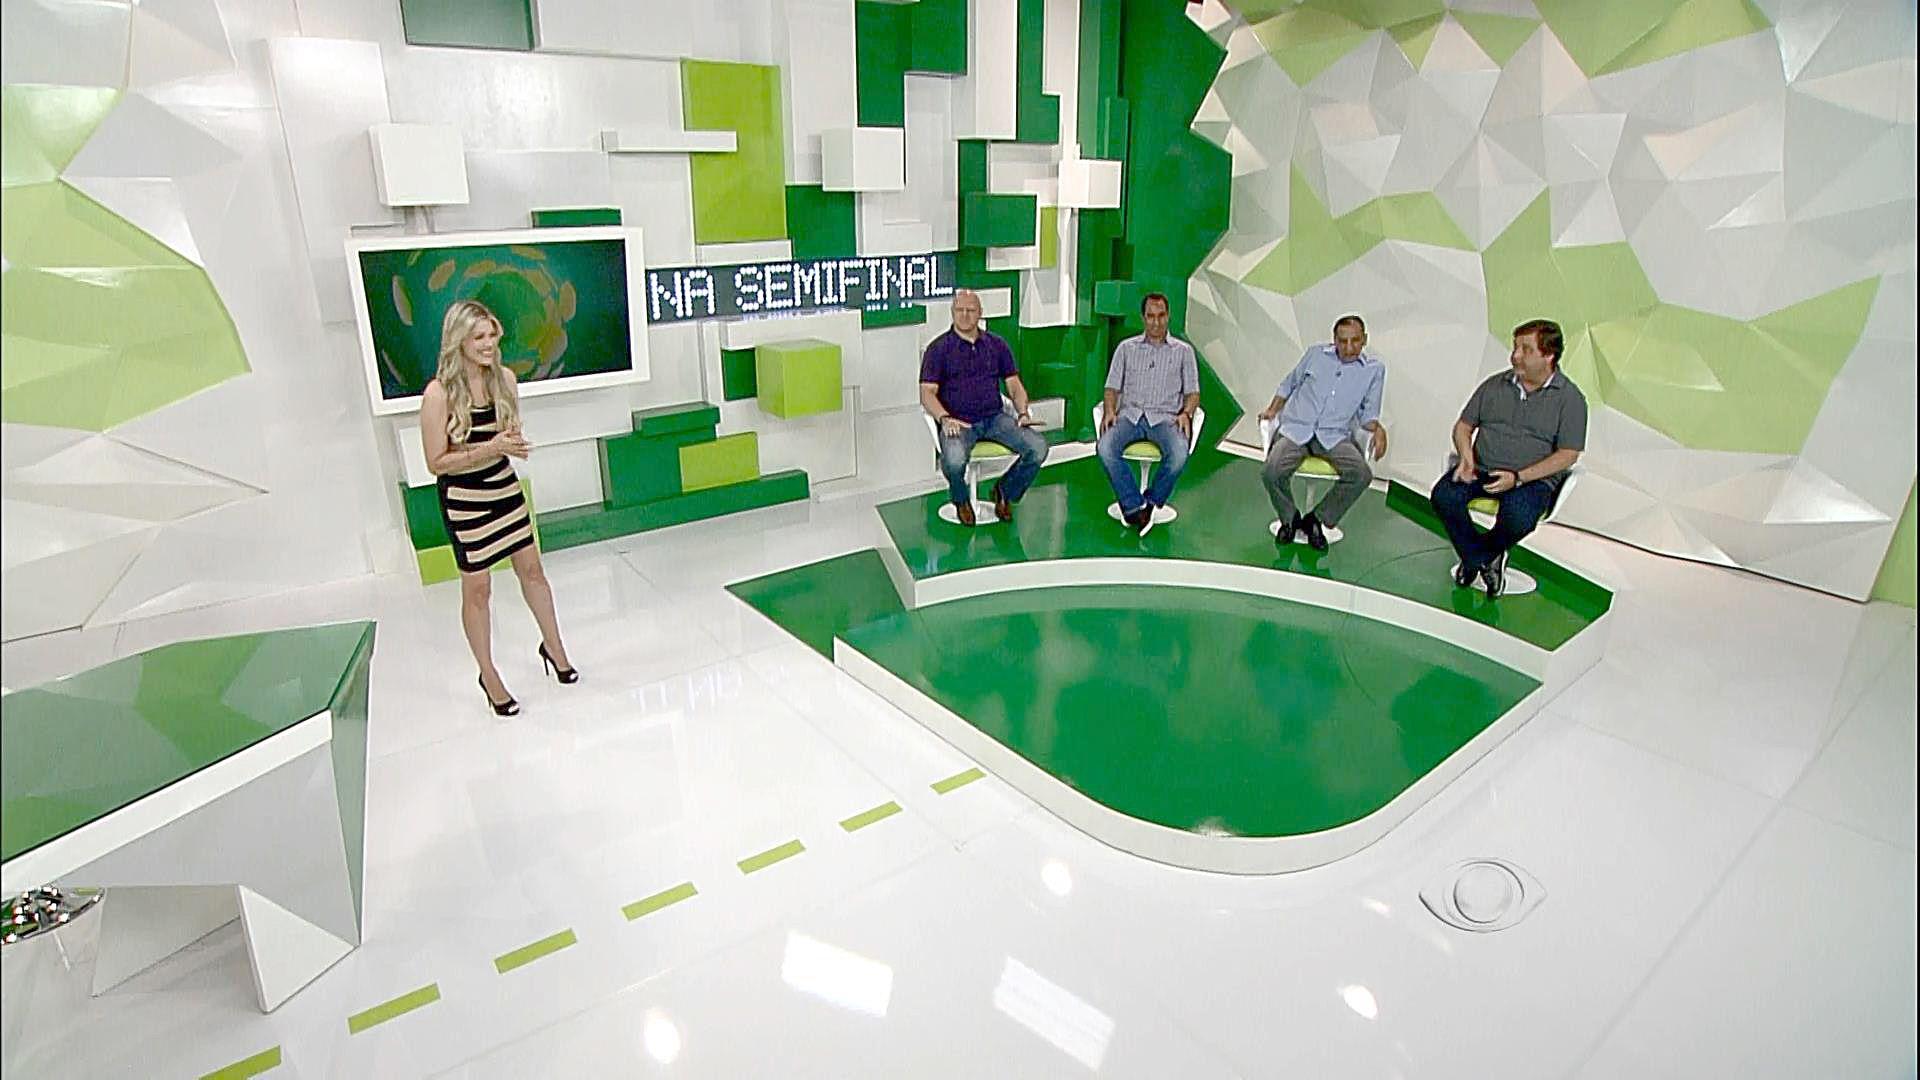 Cenario Programa Jogo Aberto Tv Bandeirantes Cenario Direcao De Arte Cenografia